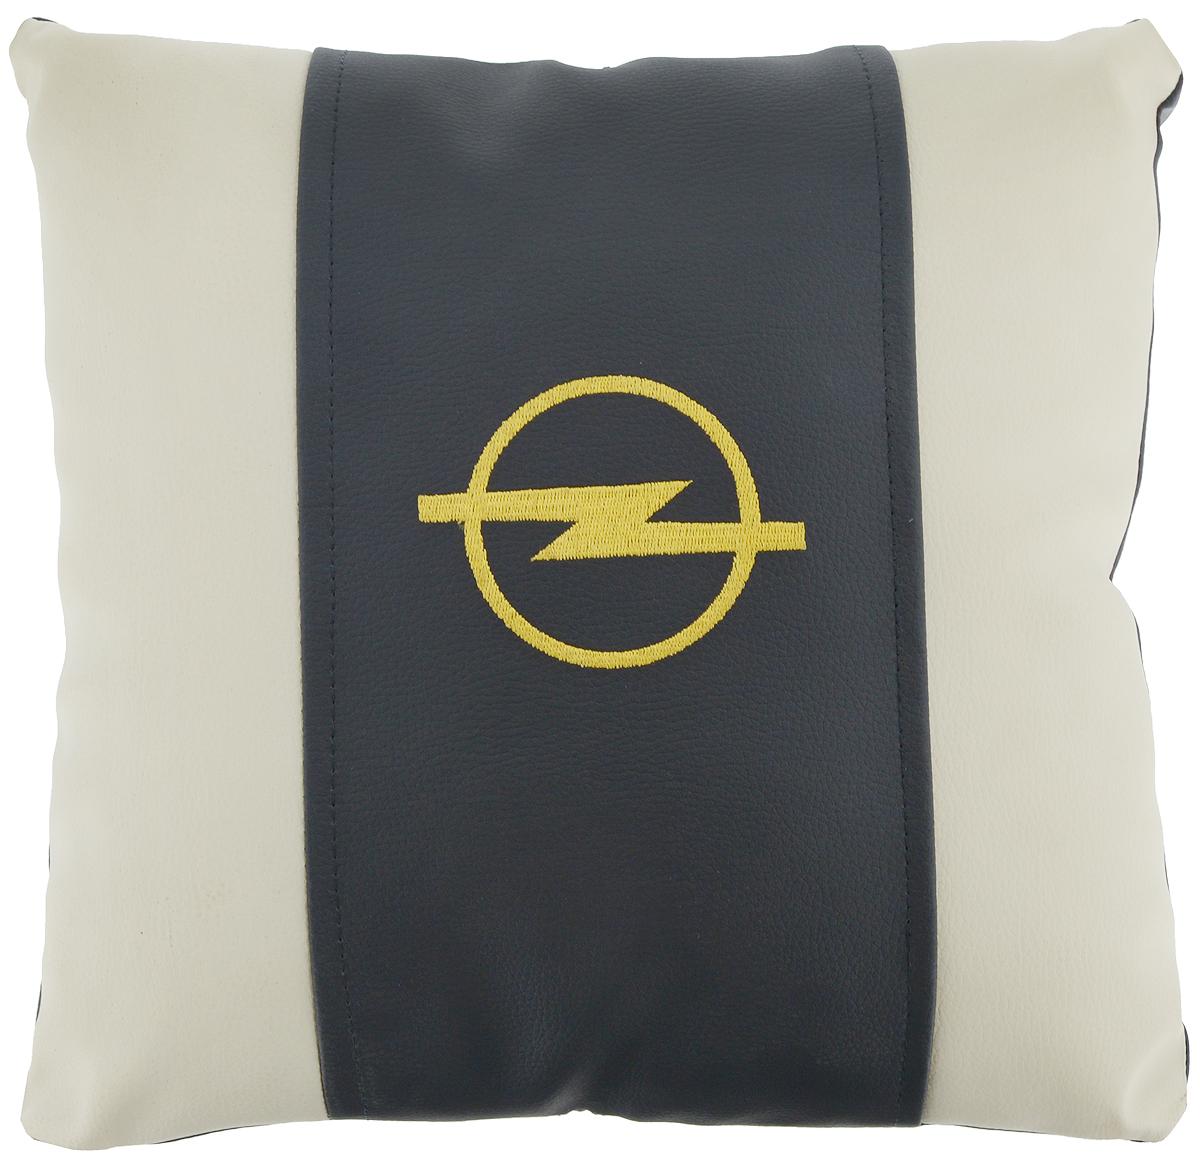 Подушка на сиденье Autoparts Opel, 30 х 30 смМ050Подушка на сиденье Autoparts Opel создана для тех, кто весь свой день вынужден проводить за рулем. Чехол выполнен из высококачественной дышащей экокожи. Наполнителем служит холлофайбер. На задней части подушки имеется змейка.Особенности подушки:- Хорошо проветривается.- Предупреждает потение.- Поддерживает комфортную температуру.- Обминается по форме тела.- Улучшает кровообращение.- Исключает затечные явления.- Предупреждает развитие заболеваний, связанных с сидячим образом жизни. Подушка также будет полезна и дома - при работе за компьютером, школьникам - при выполнении домашних работ, да и в любимом кресле перед телевизором.